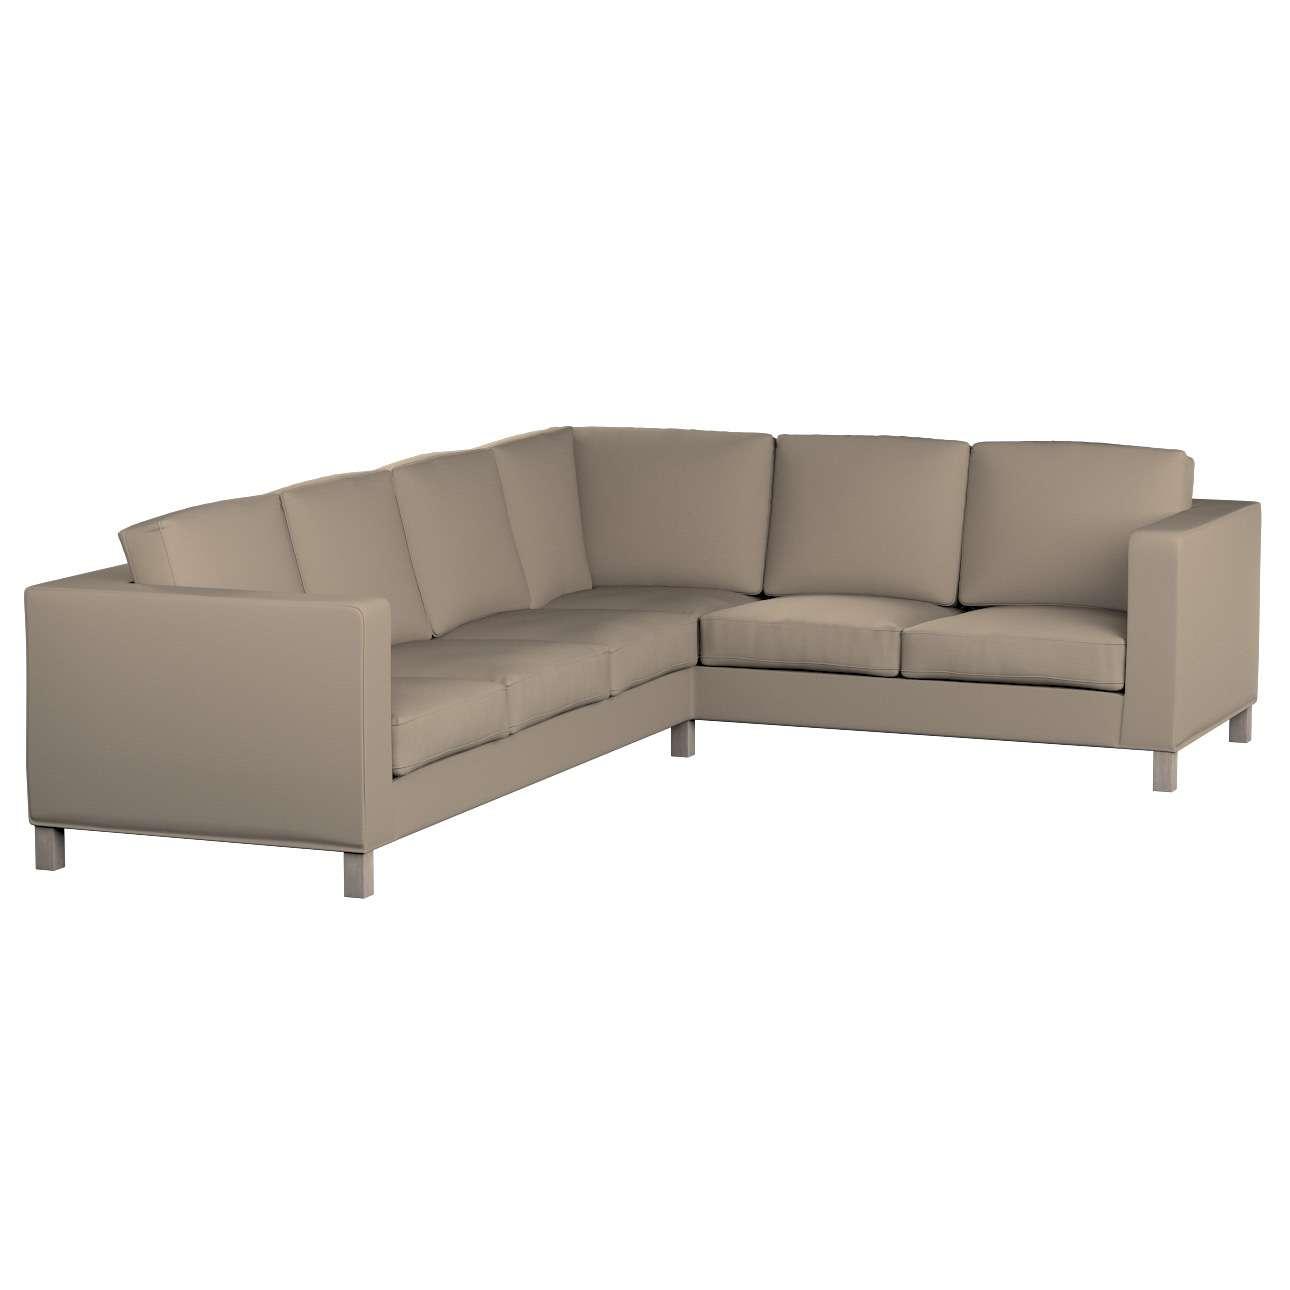 Pokrowiec na sofę narożną lewostronną Karlanda Sofa narożna lewostronna Karlanda w kolekcji Cotton Panama, tkanina: 702-28